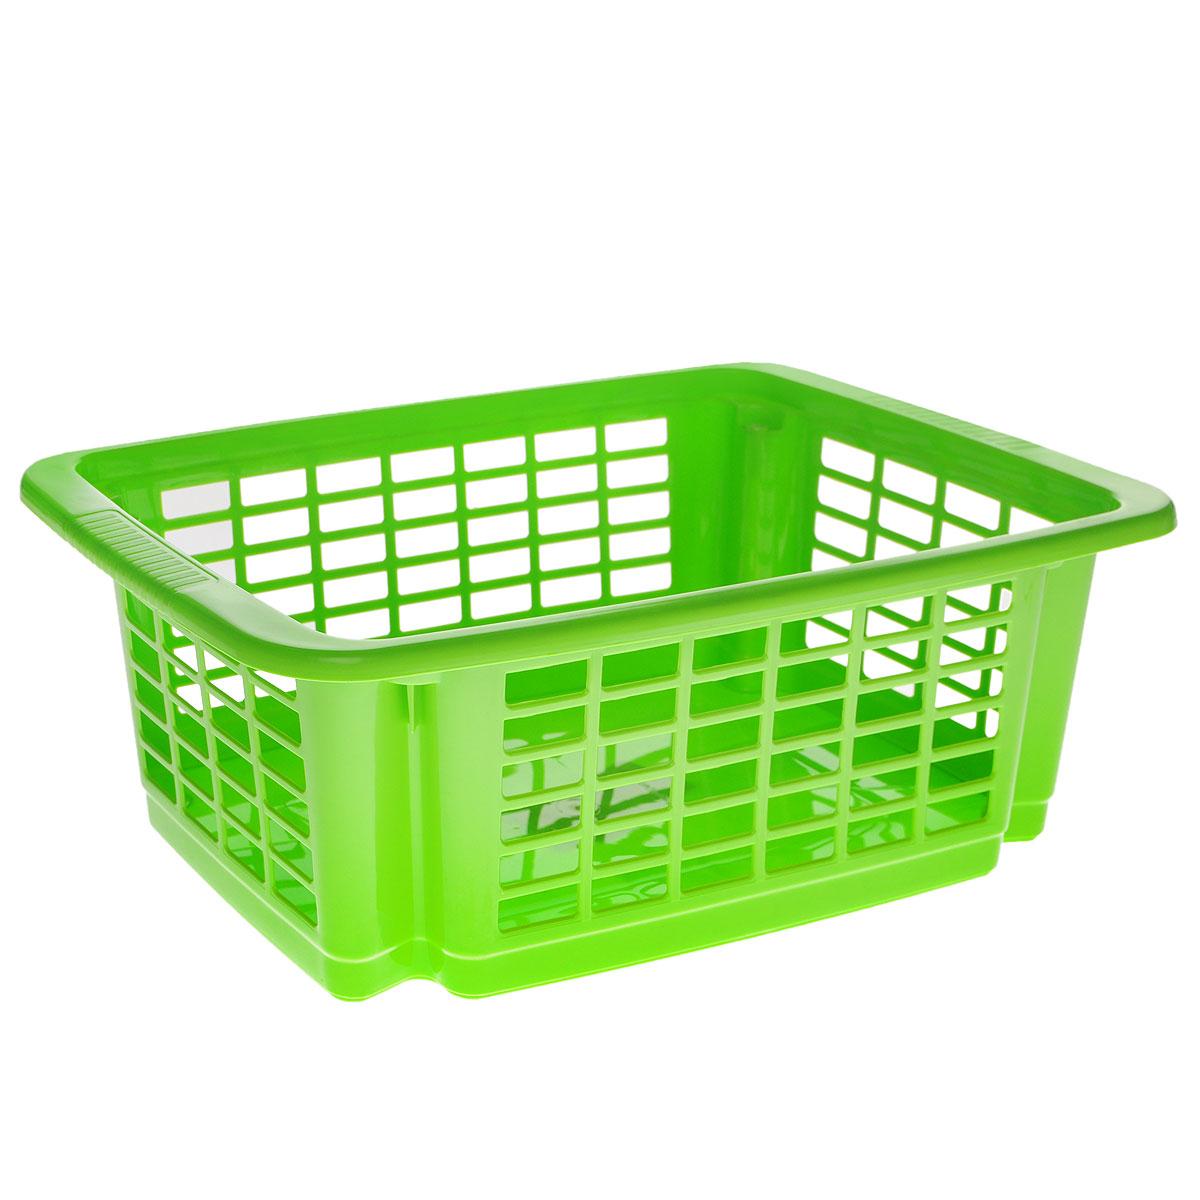 Корзина для хранения Dunya Plastik Стакер, цвет: салатовый, 31 х 20 х 12,5 см5506_салатовыйКлассическая корзина Dunya Plastik Стакер, изготовленная из пластика, предназначена для хранения мелочей в ванной, на кухне, даче или гараже. Позволяет хранить мелкие вещи, исключая возможность их потери. Это легкая корзина со сплошным дном, жесткой кромкой, с небольшими отверстиями на стенках. Корзина имеет специальные выемки внизу и вверху, позволяющие устанавливать корзины друг на друга.